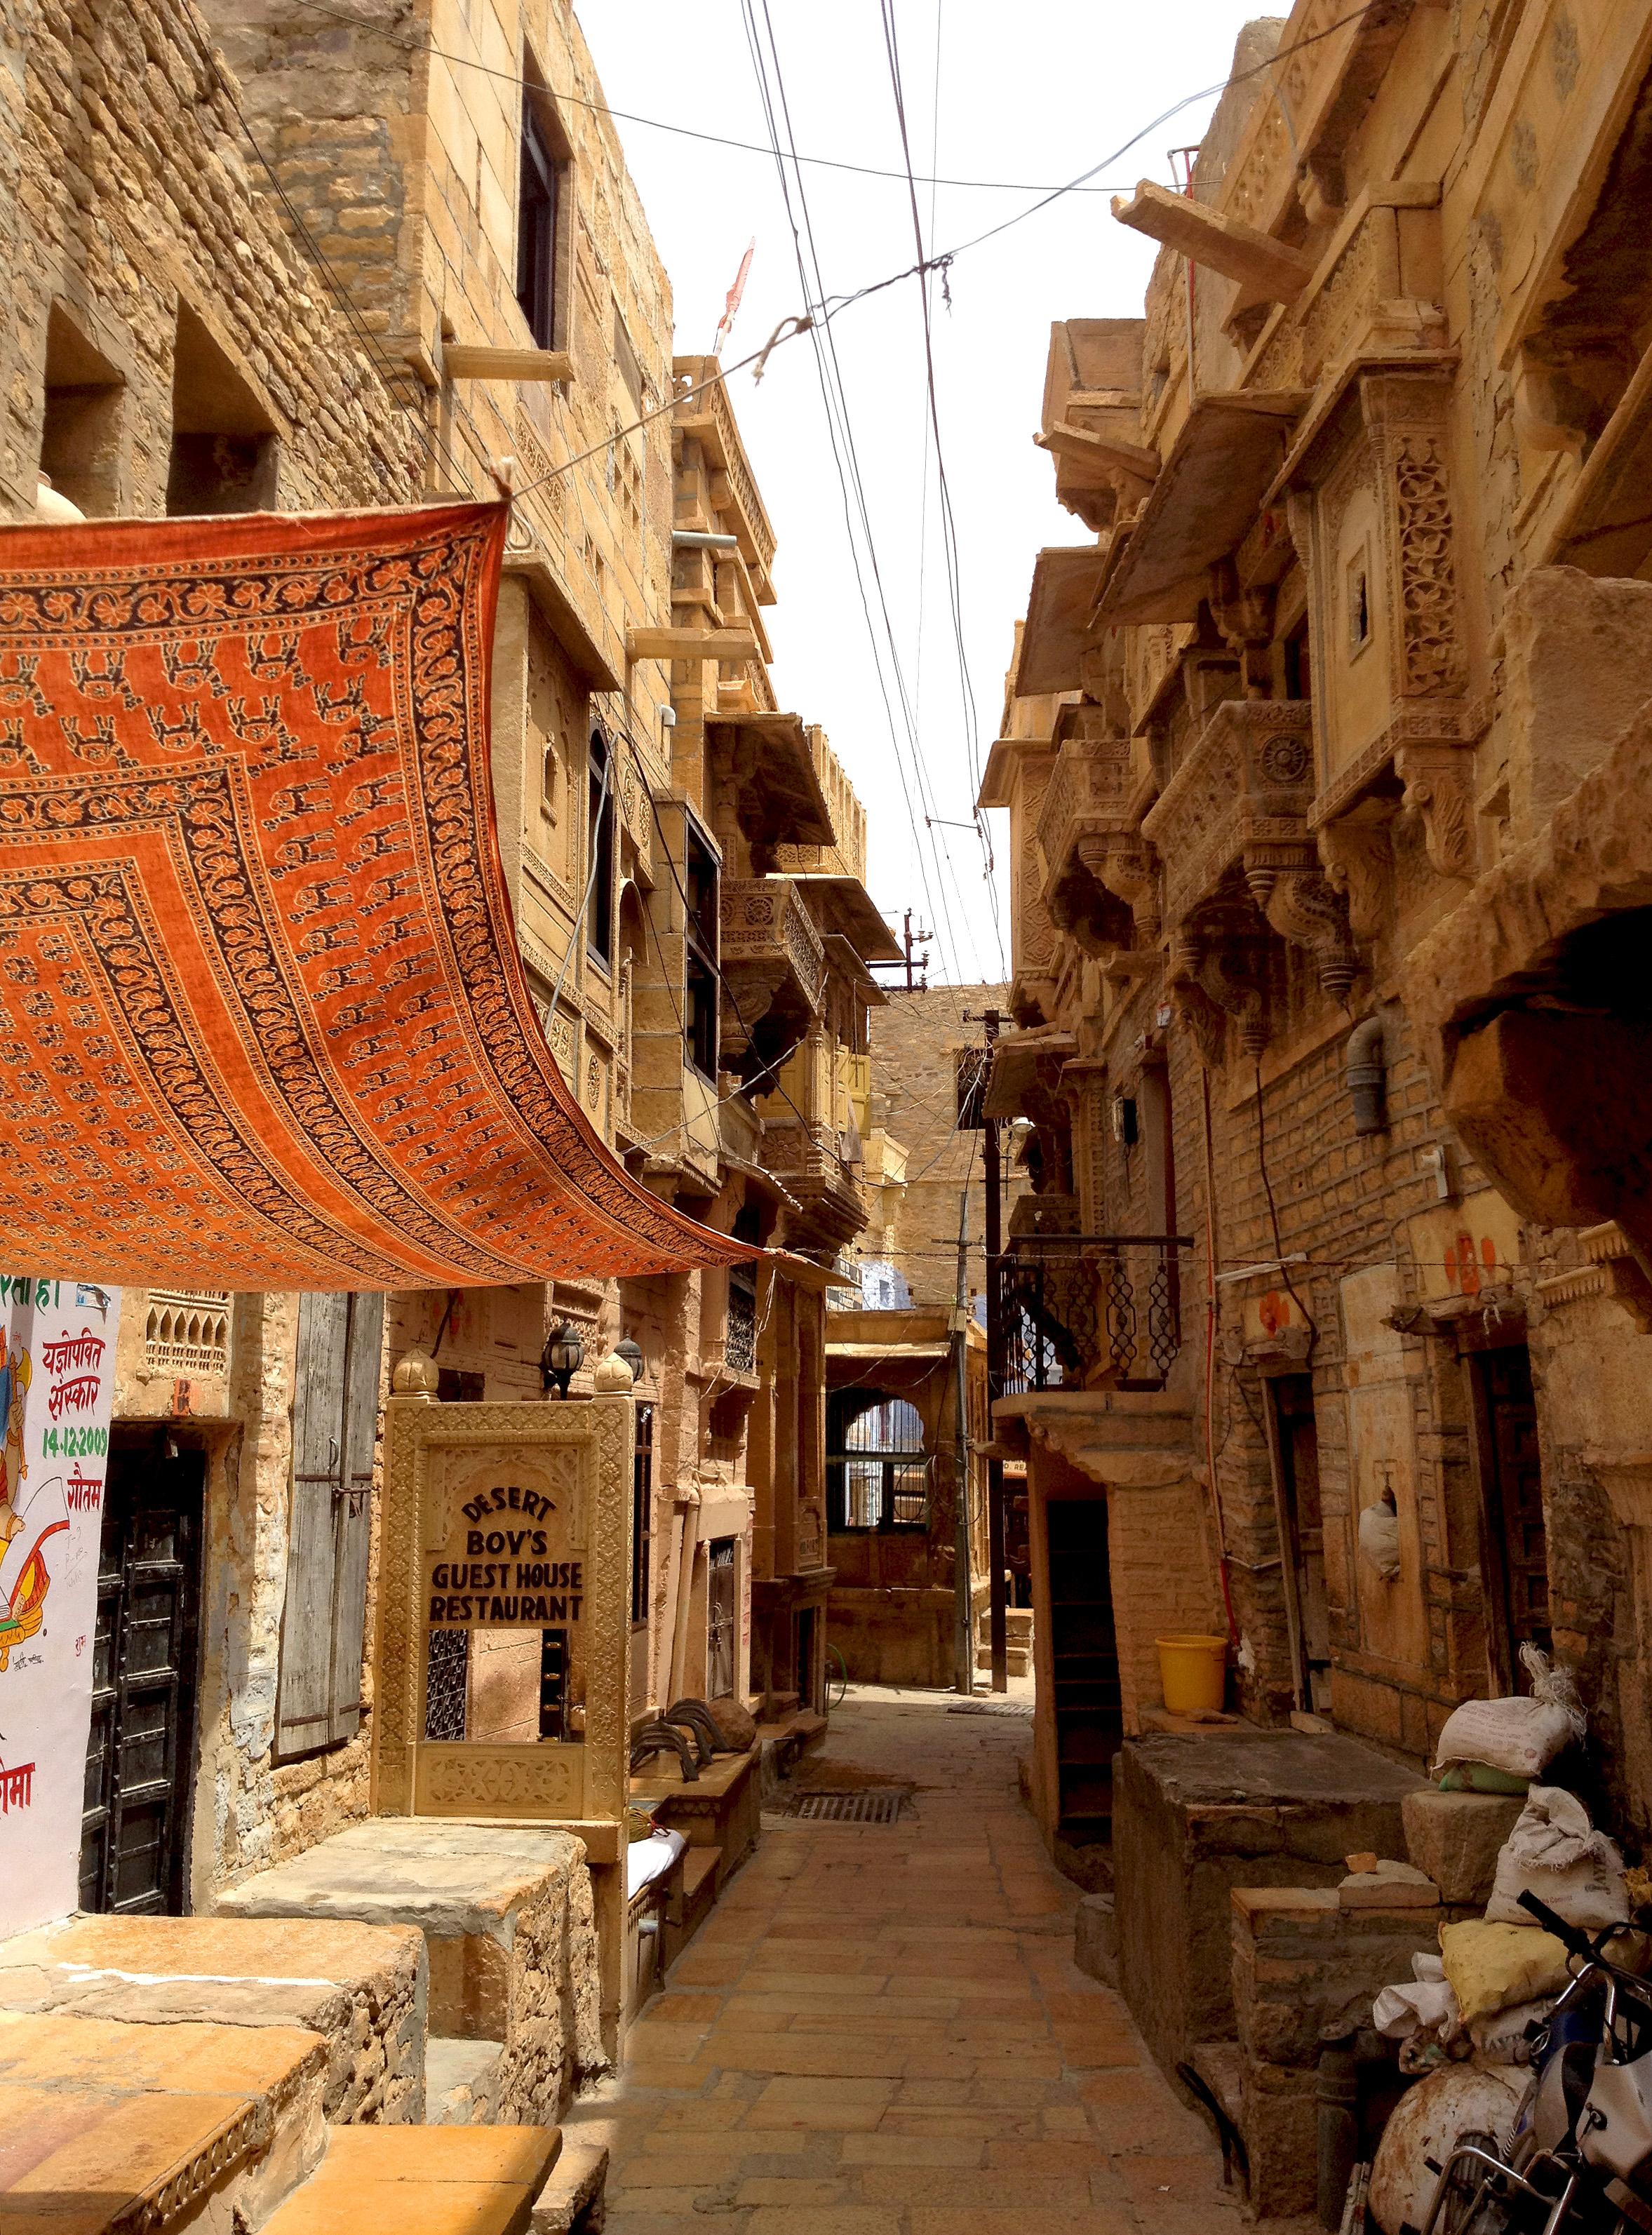 Alley in Jaisalmer, India